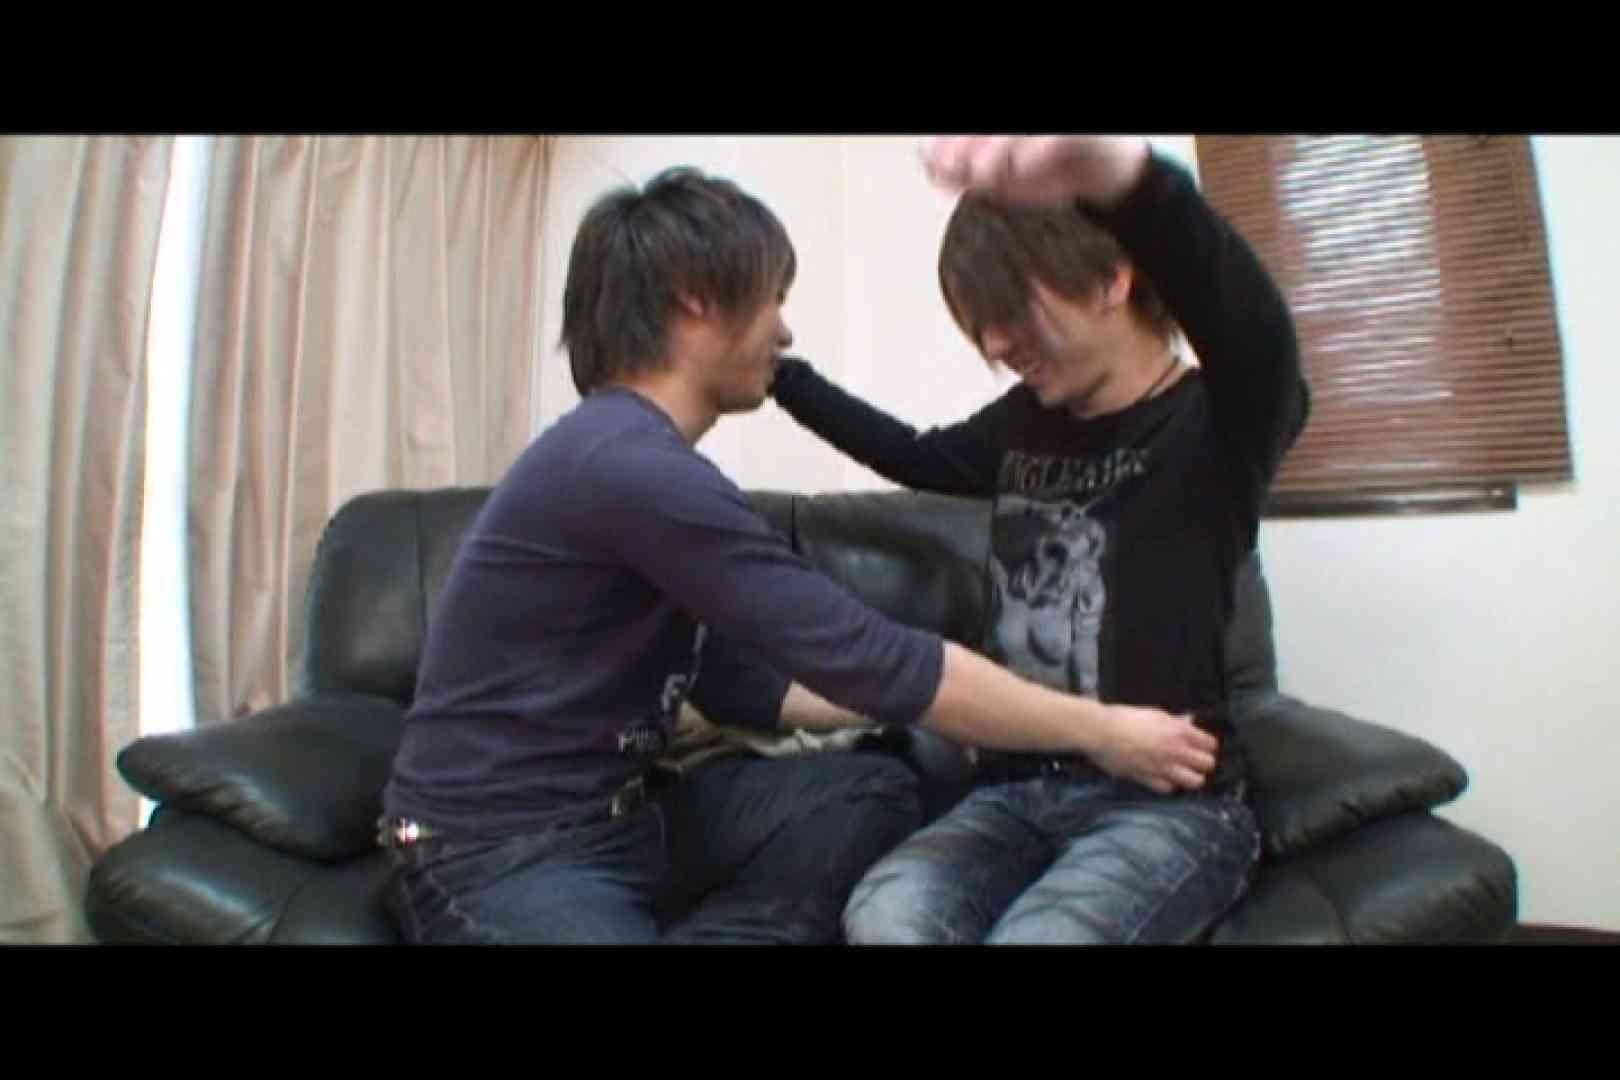 コンビネーションBoys!vol.01 エッチ ゲイ精子画像 89枚 54